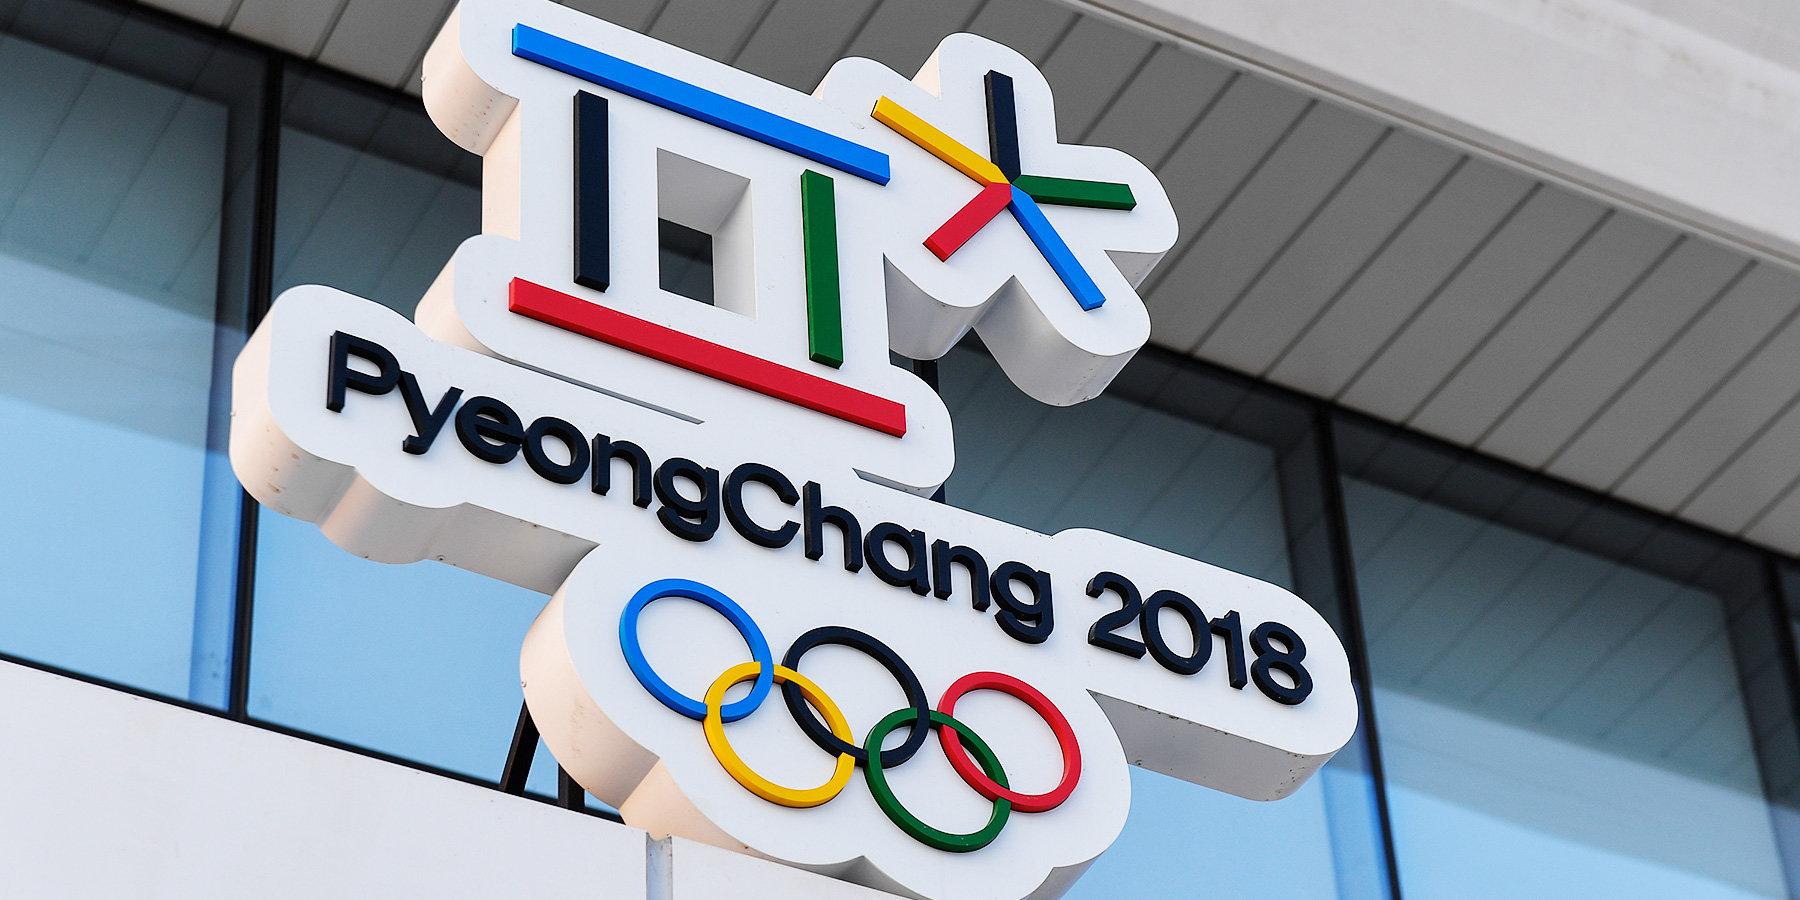 Спортсменам изПетербурга обещали 5 млн за«золото» наОлимпиаде Пхенчхане